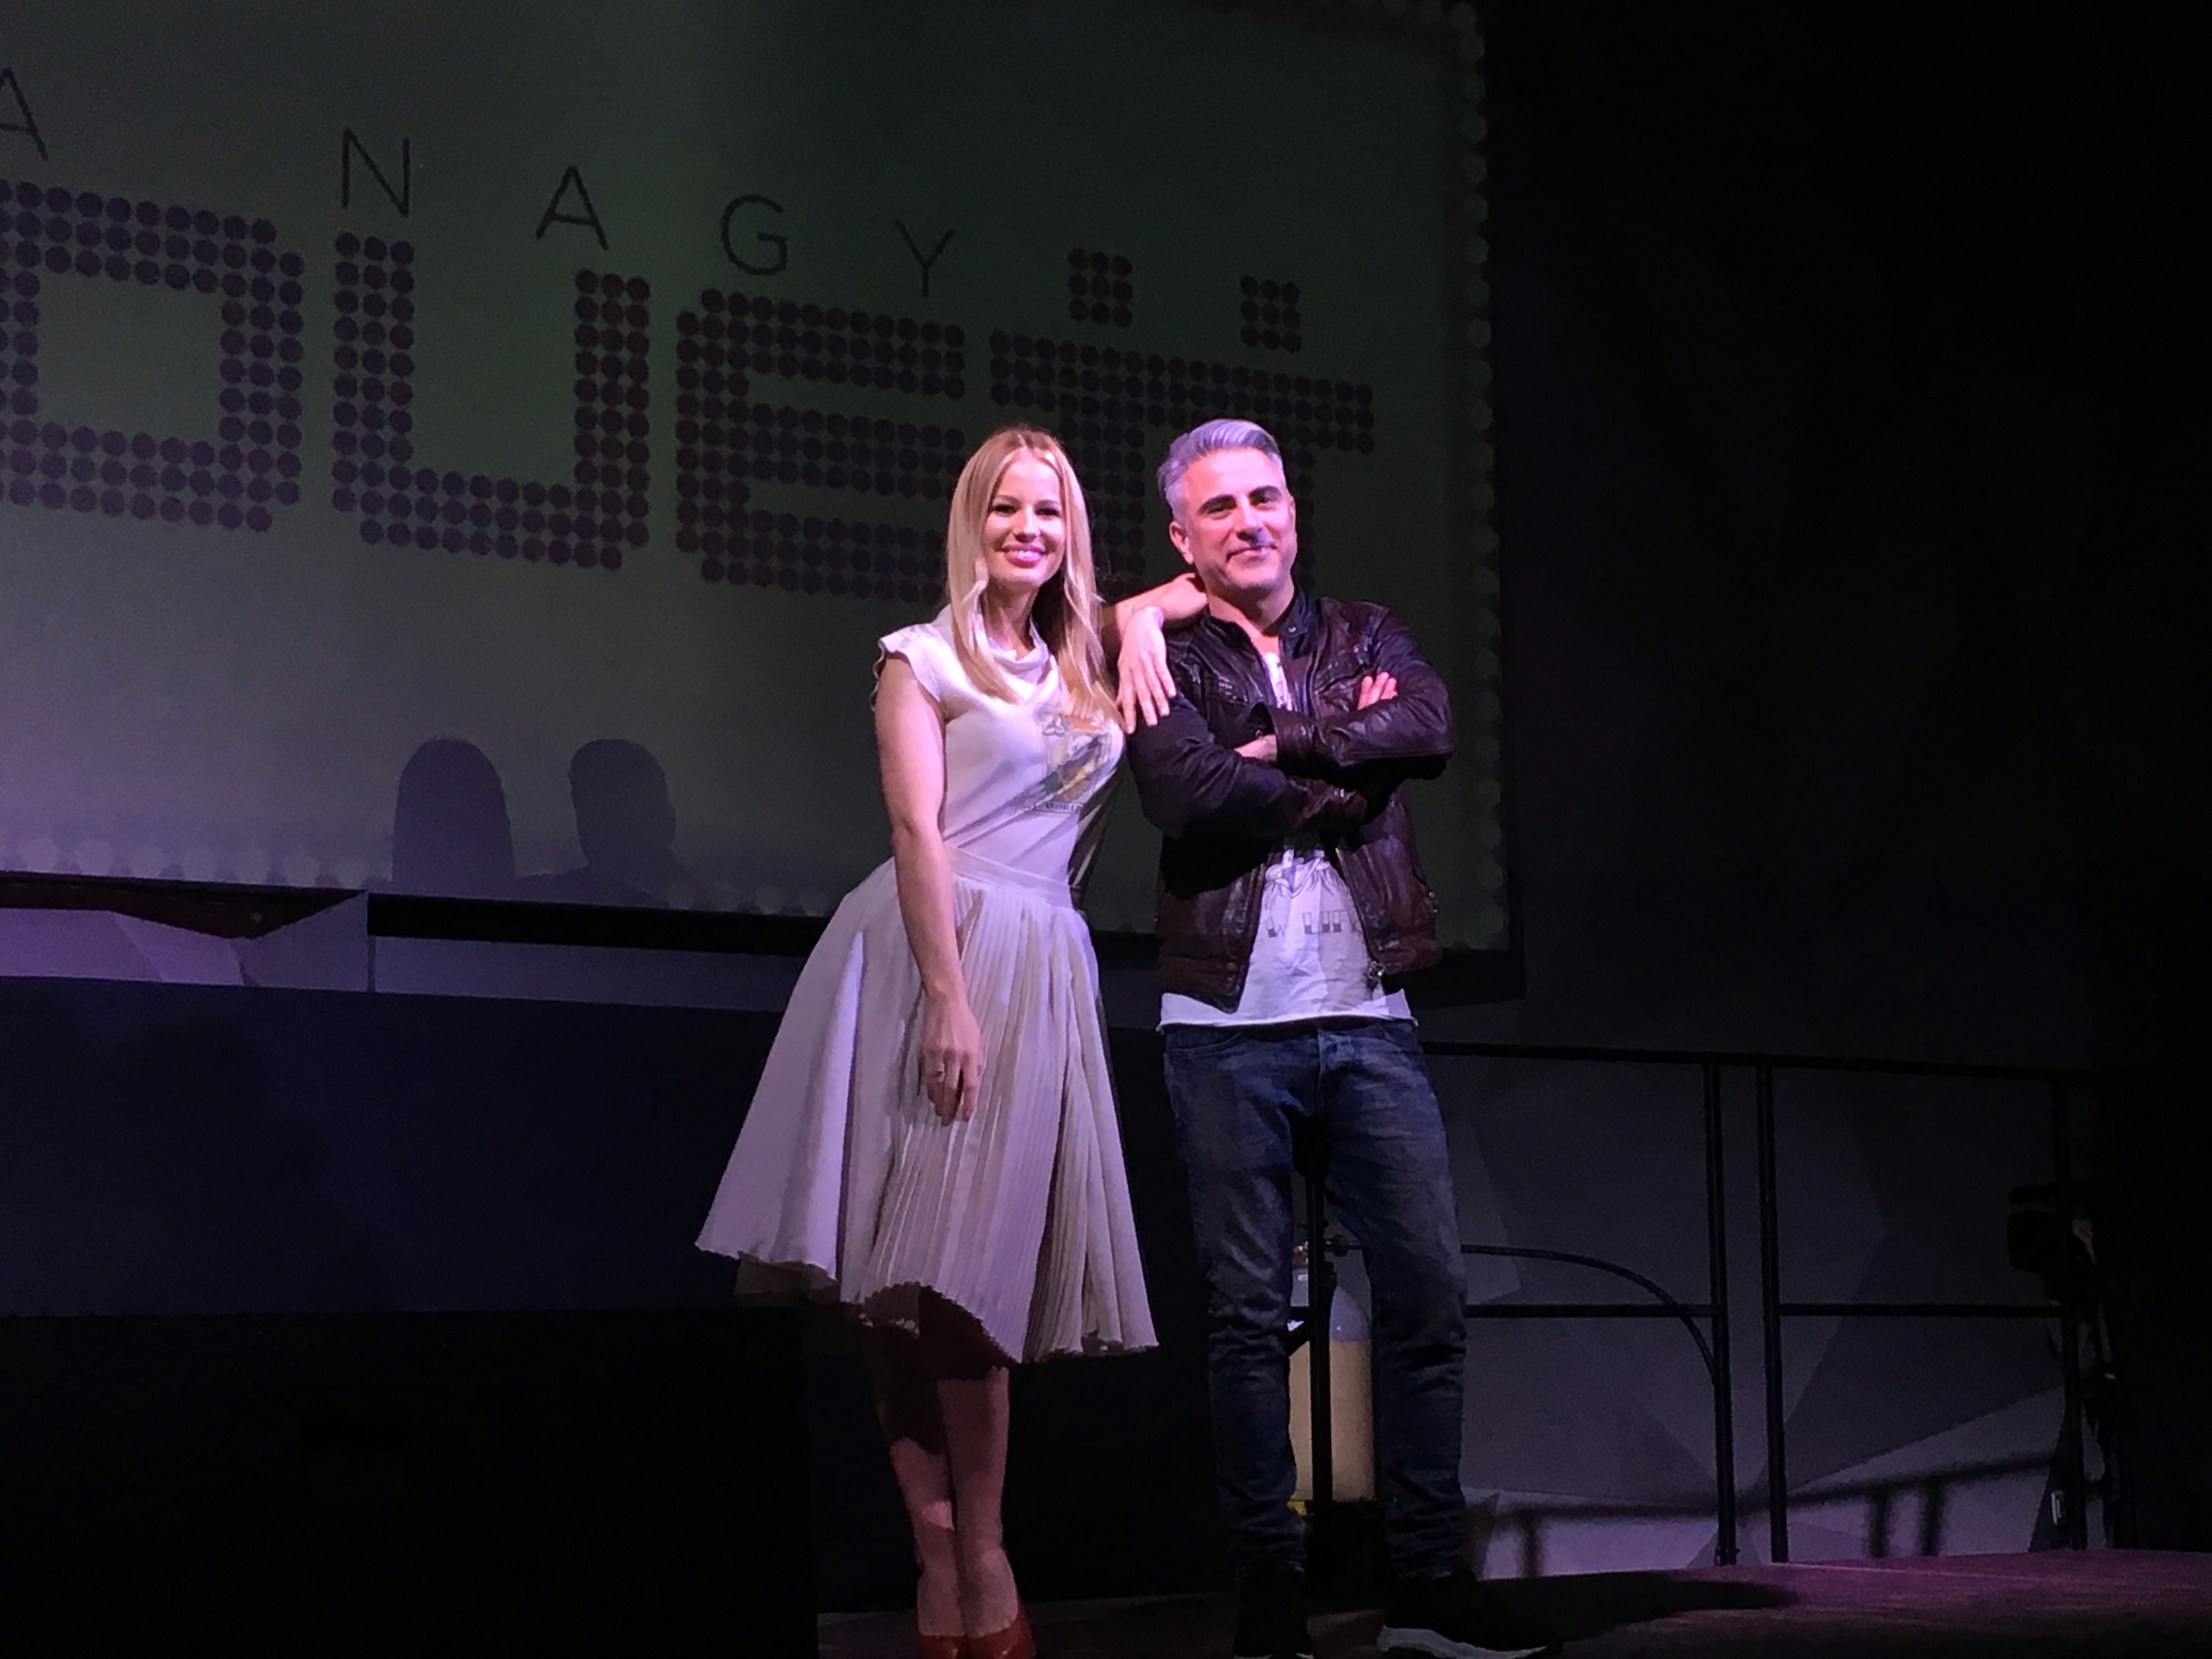 Ők a 2017-es Nagy duett versenyzői